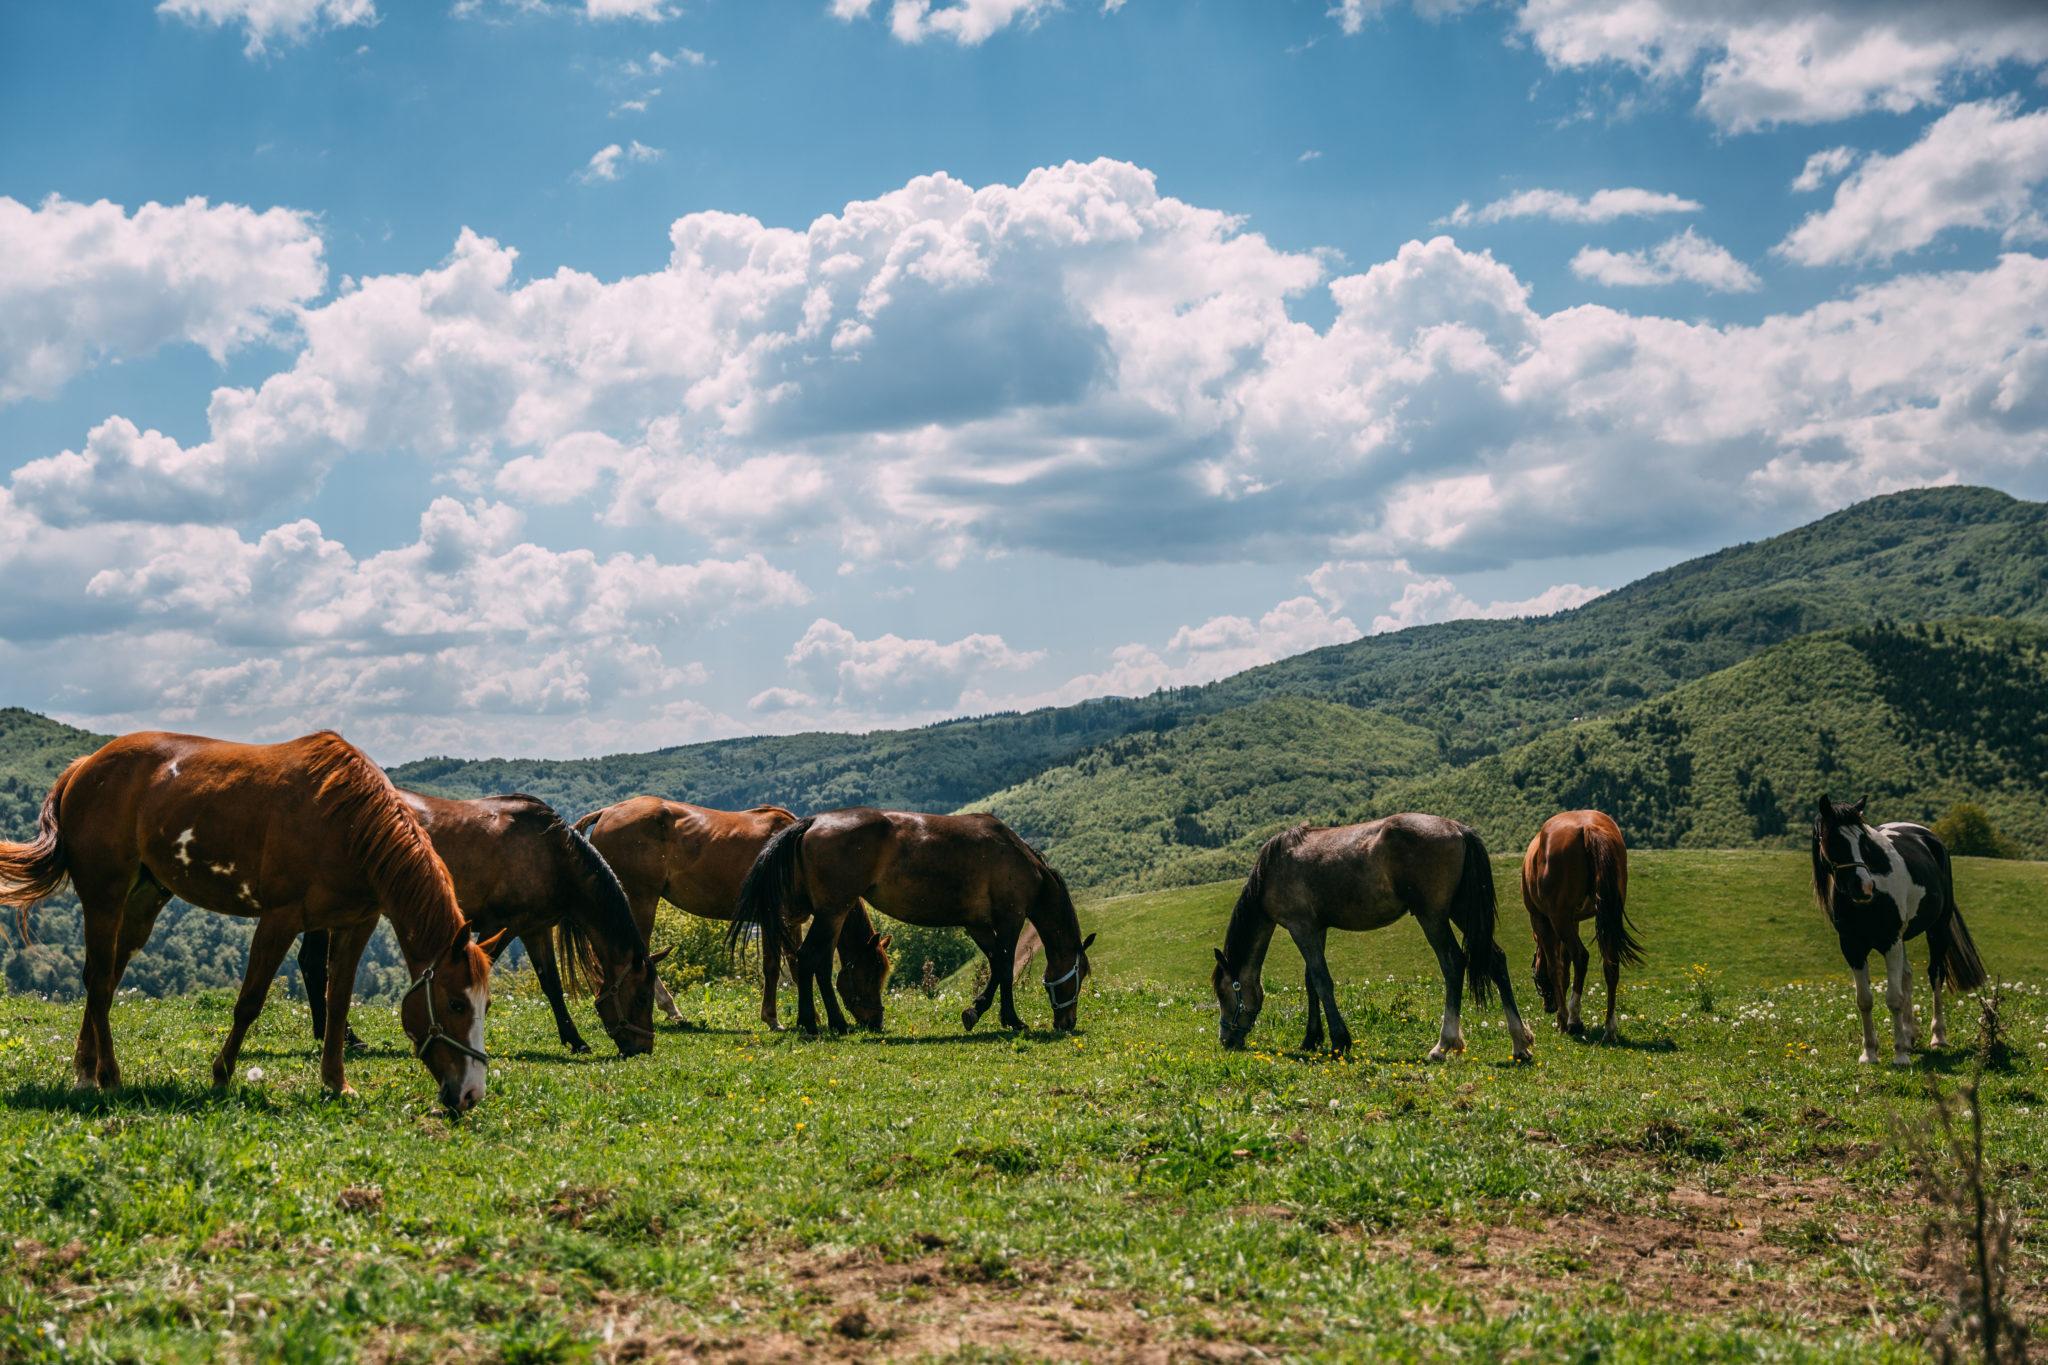 Kone v prírode - Jazdecký Areál Sv. Františka